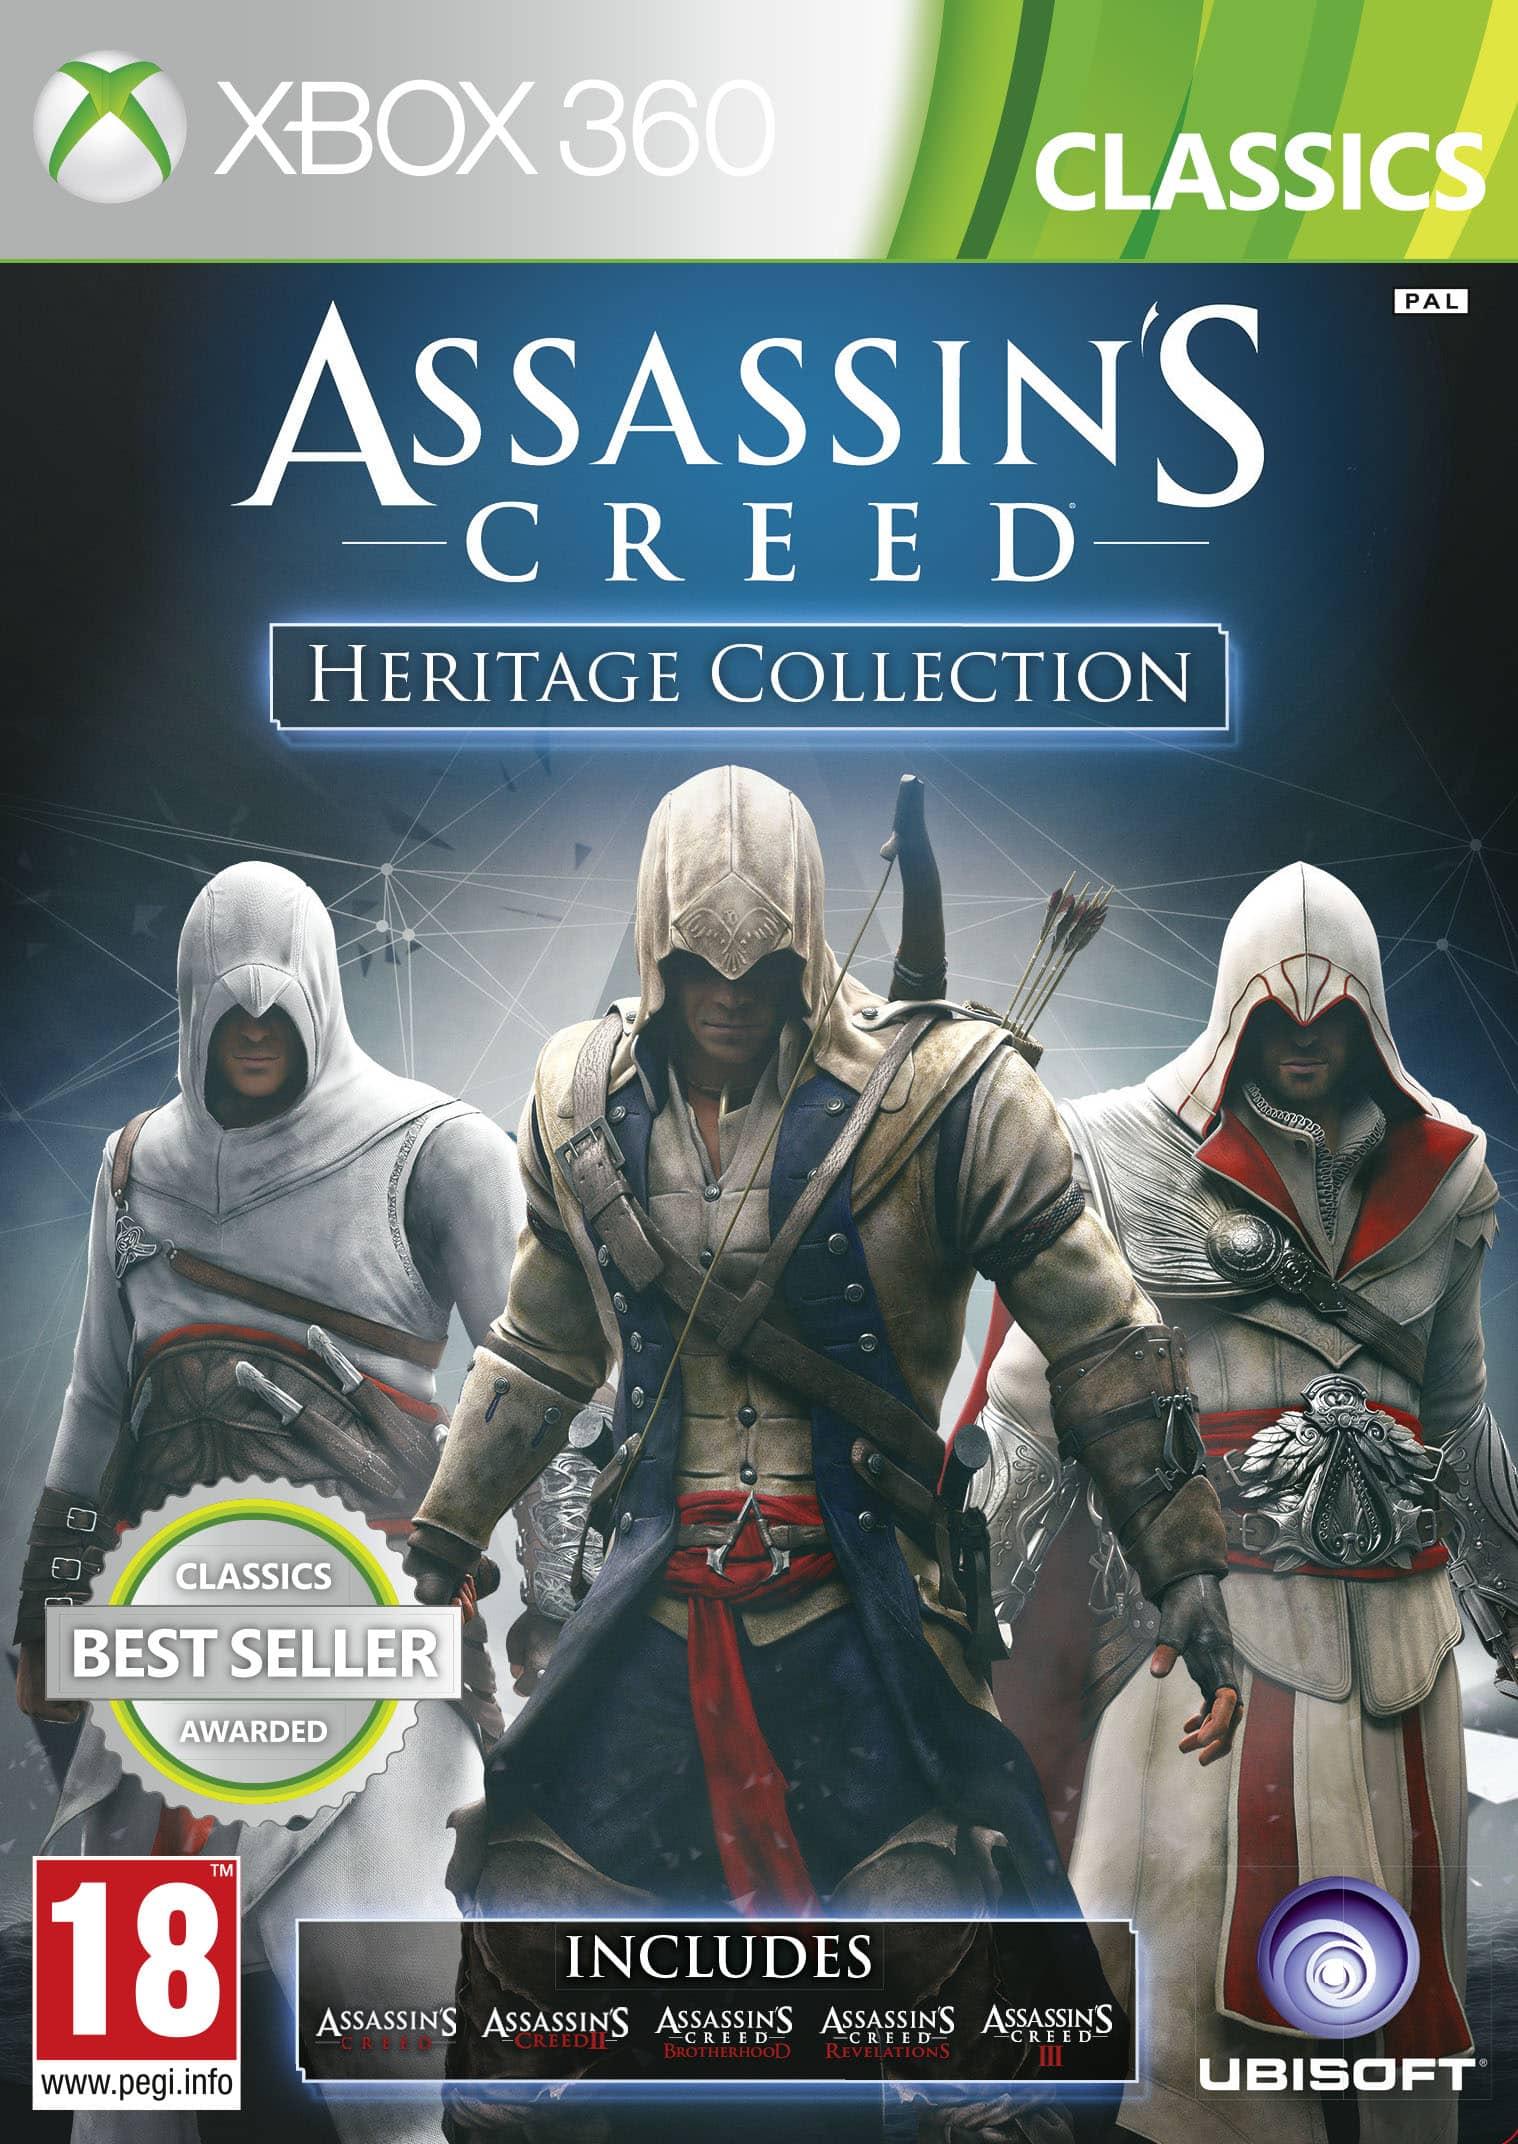 Las ediciones futuras de Assasin's Creed serán de PlayStation 4 y Xbox One.